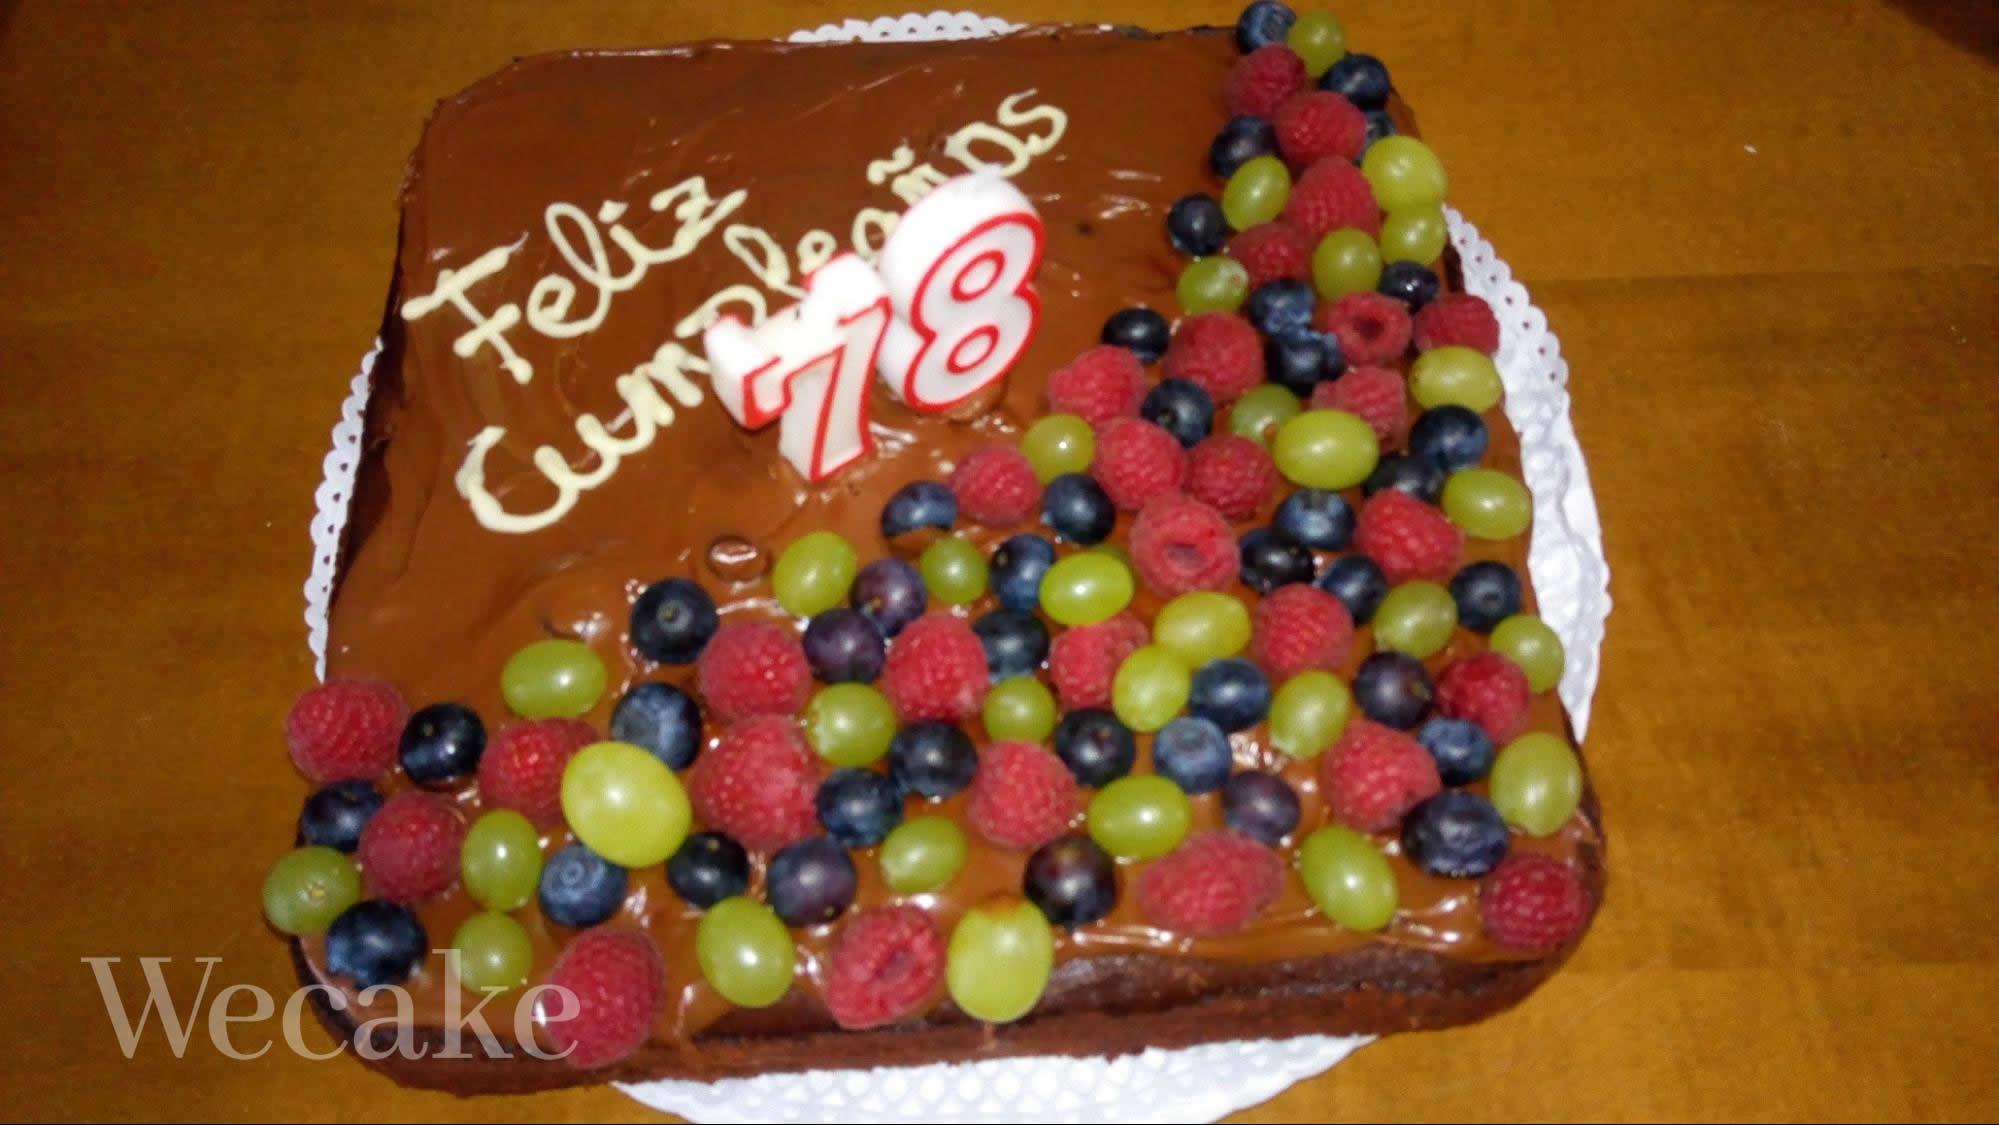 Brownie personalizado para un cumpleaños de un usuario muy chocolatero